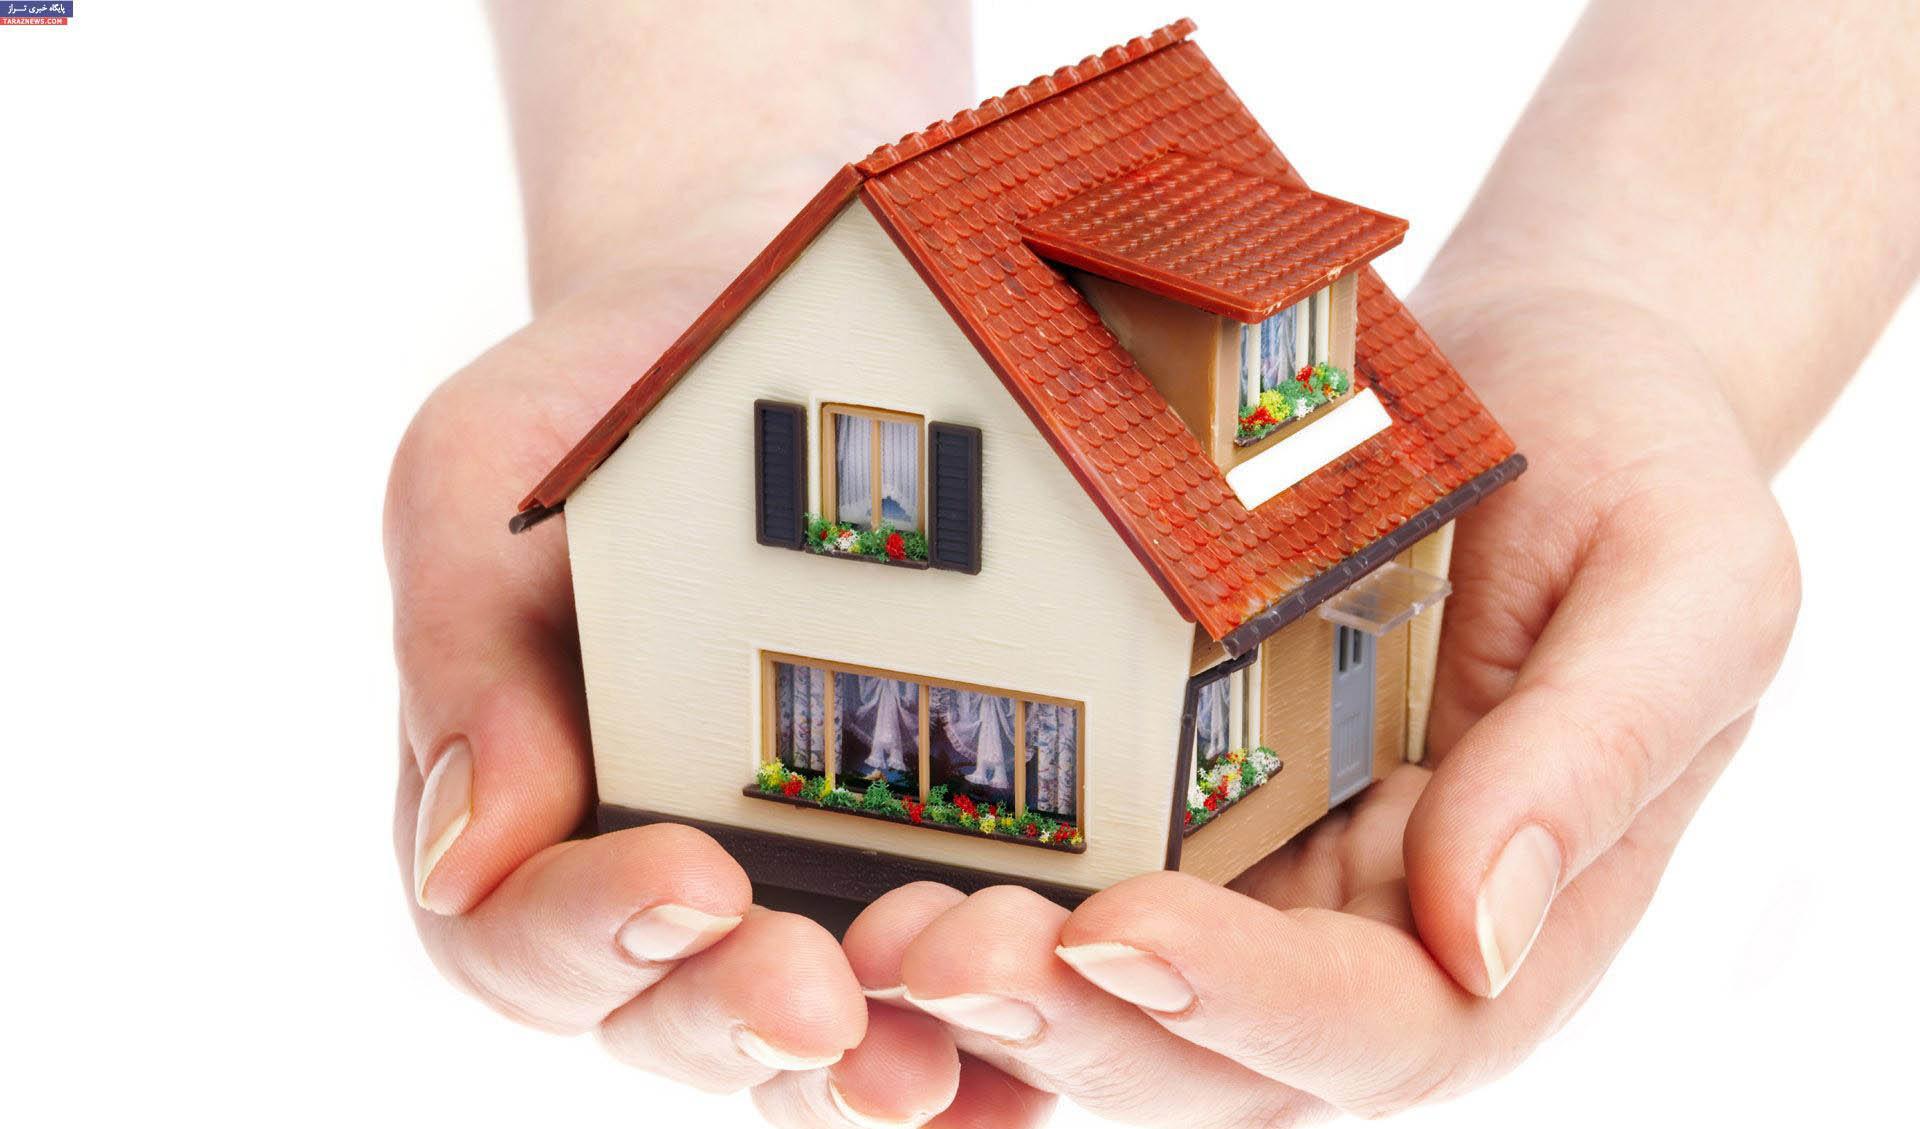 ساخت خانههای کوچک در دستور وزارت کشور/ تاکید اصل 31 قانون اساسی بر مسکن متناسب نیاز خانوار